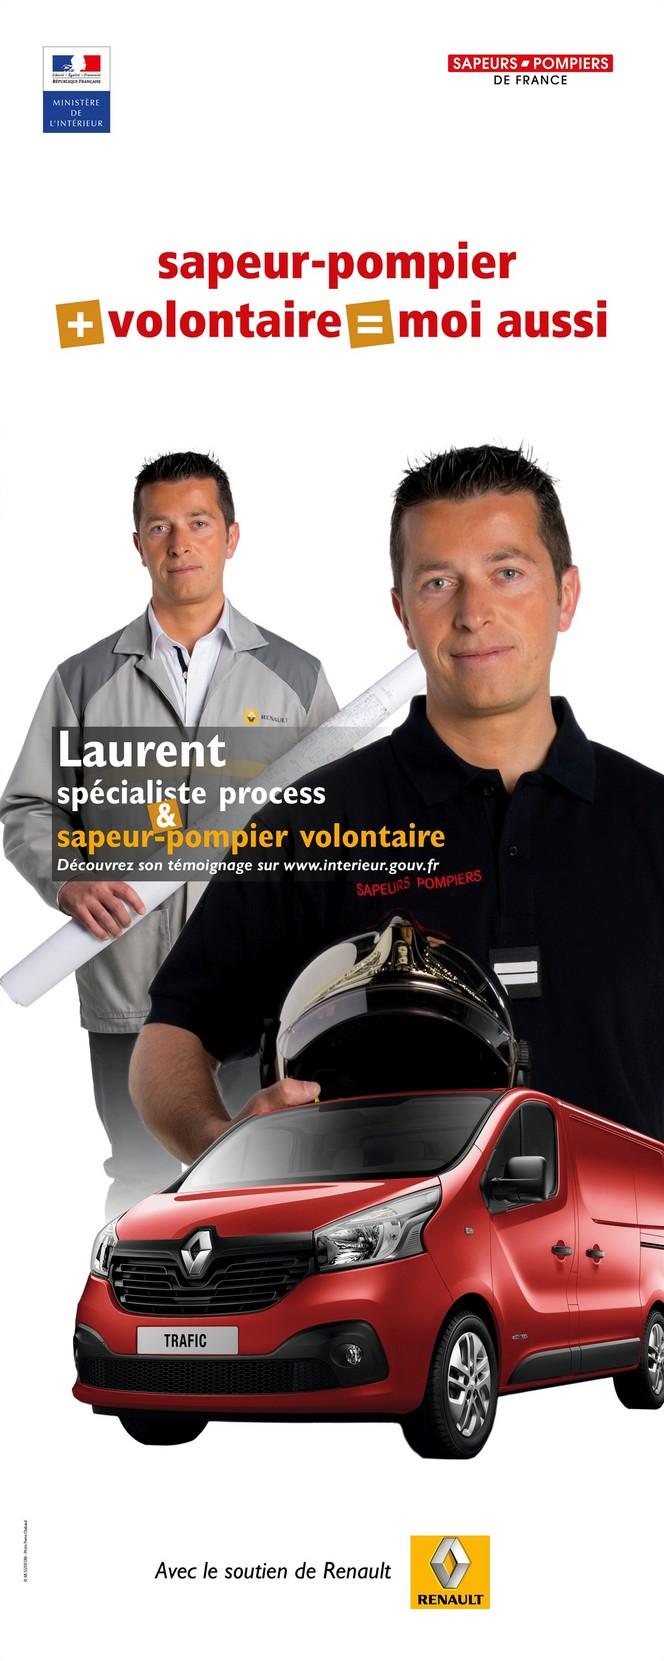 """Renault s'associe à la campagne """"sapeur-pompier + volontaire = moi aussi !"""""""